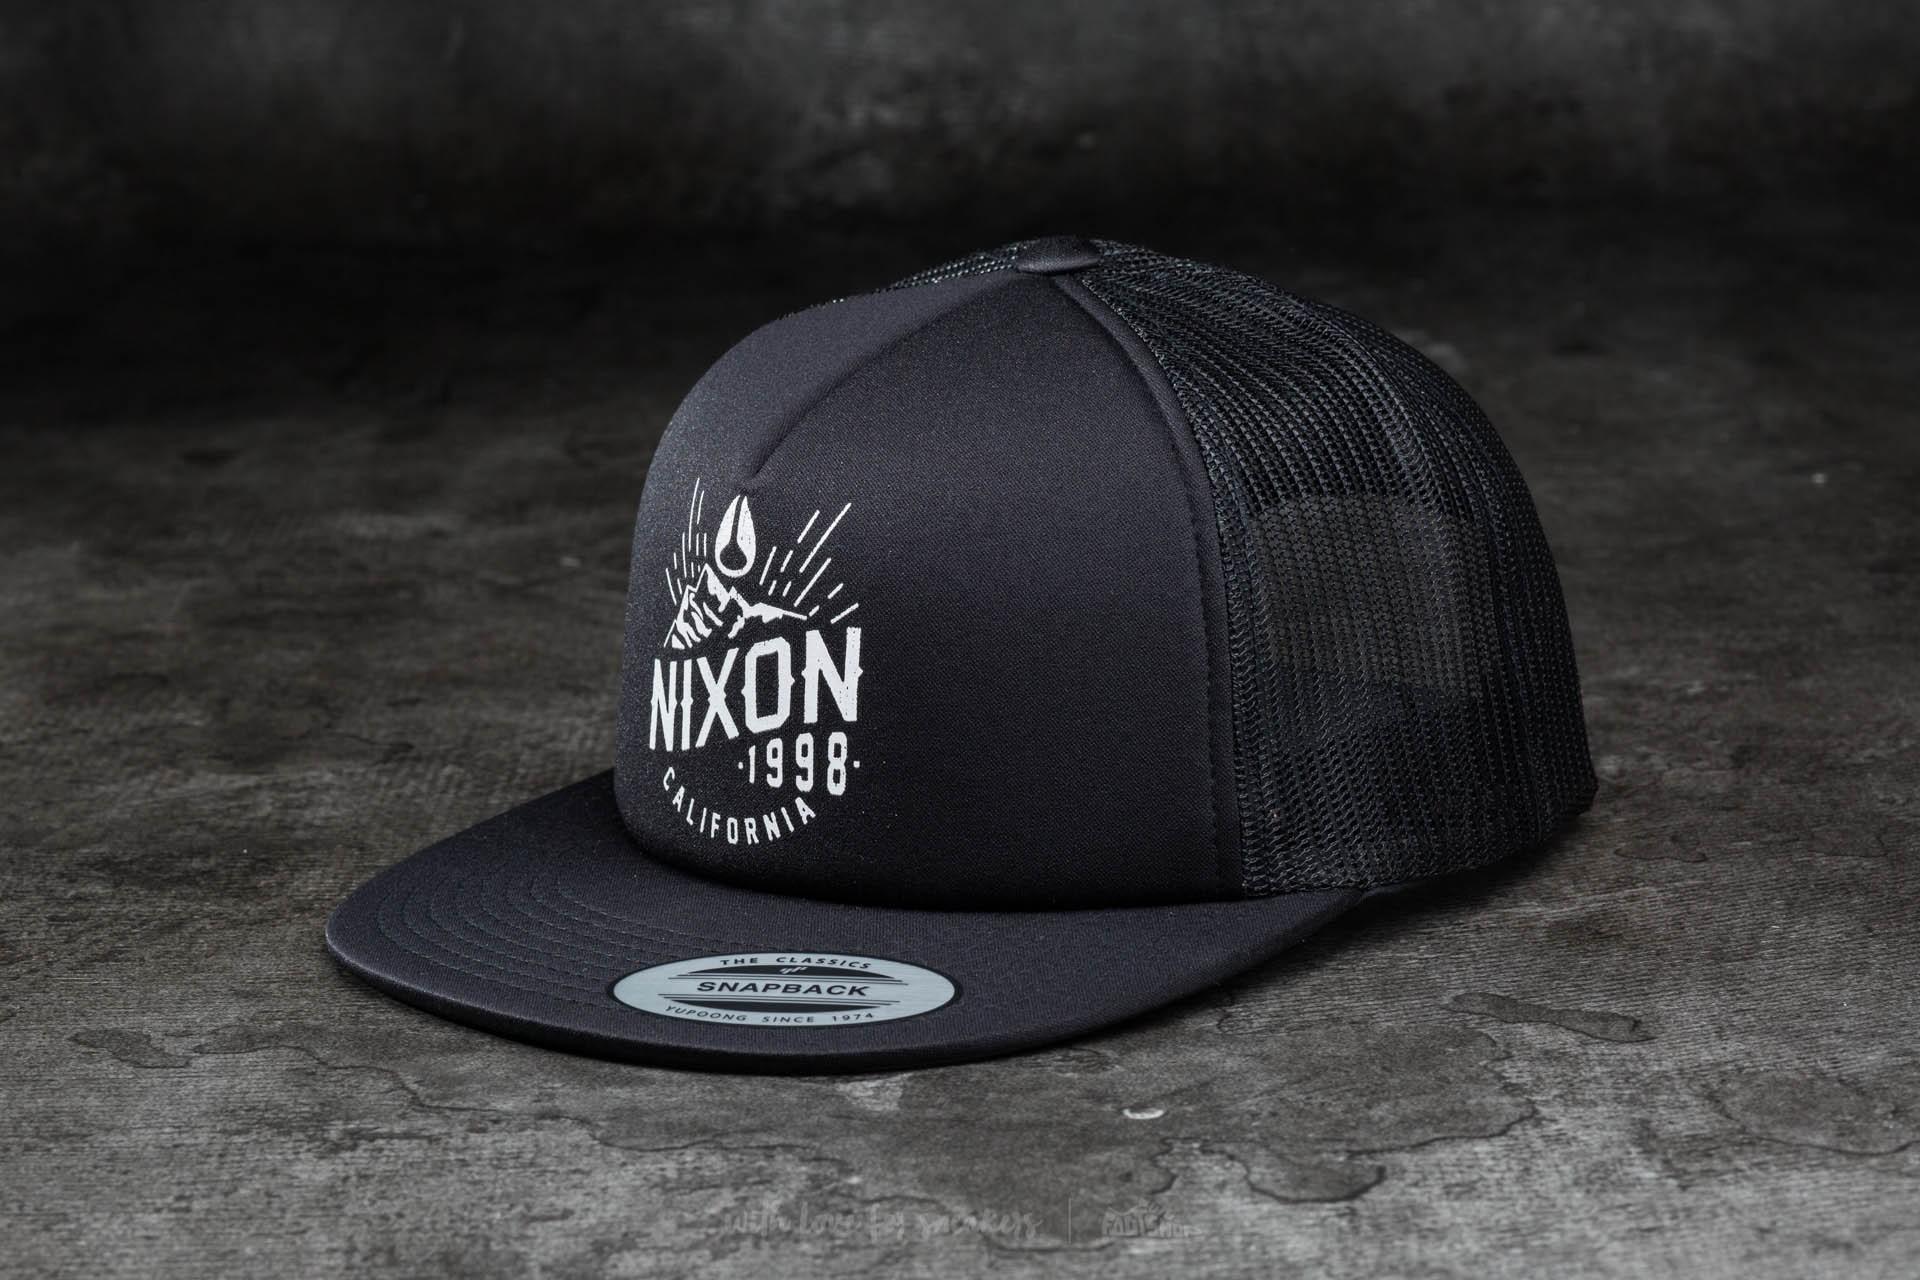 Nixon Ridge Trucker Hat All Black - 10981